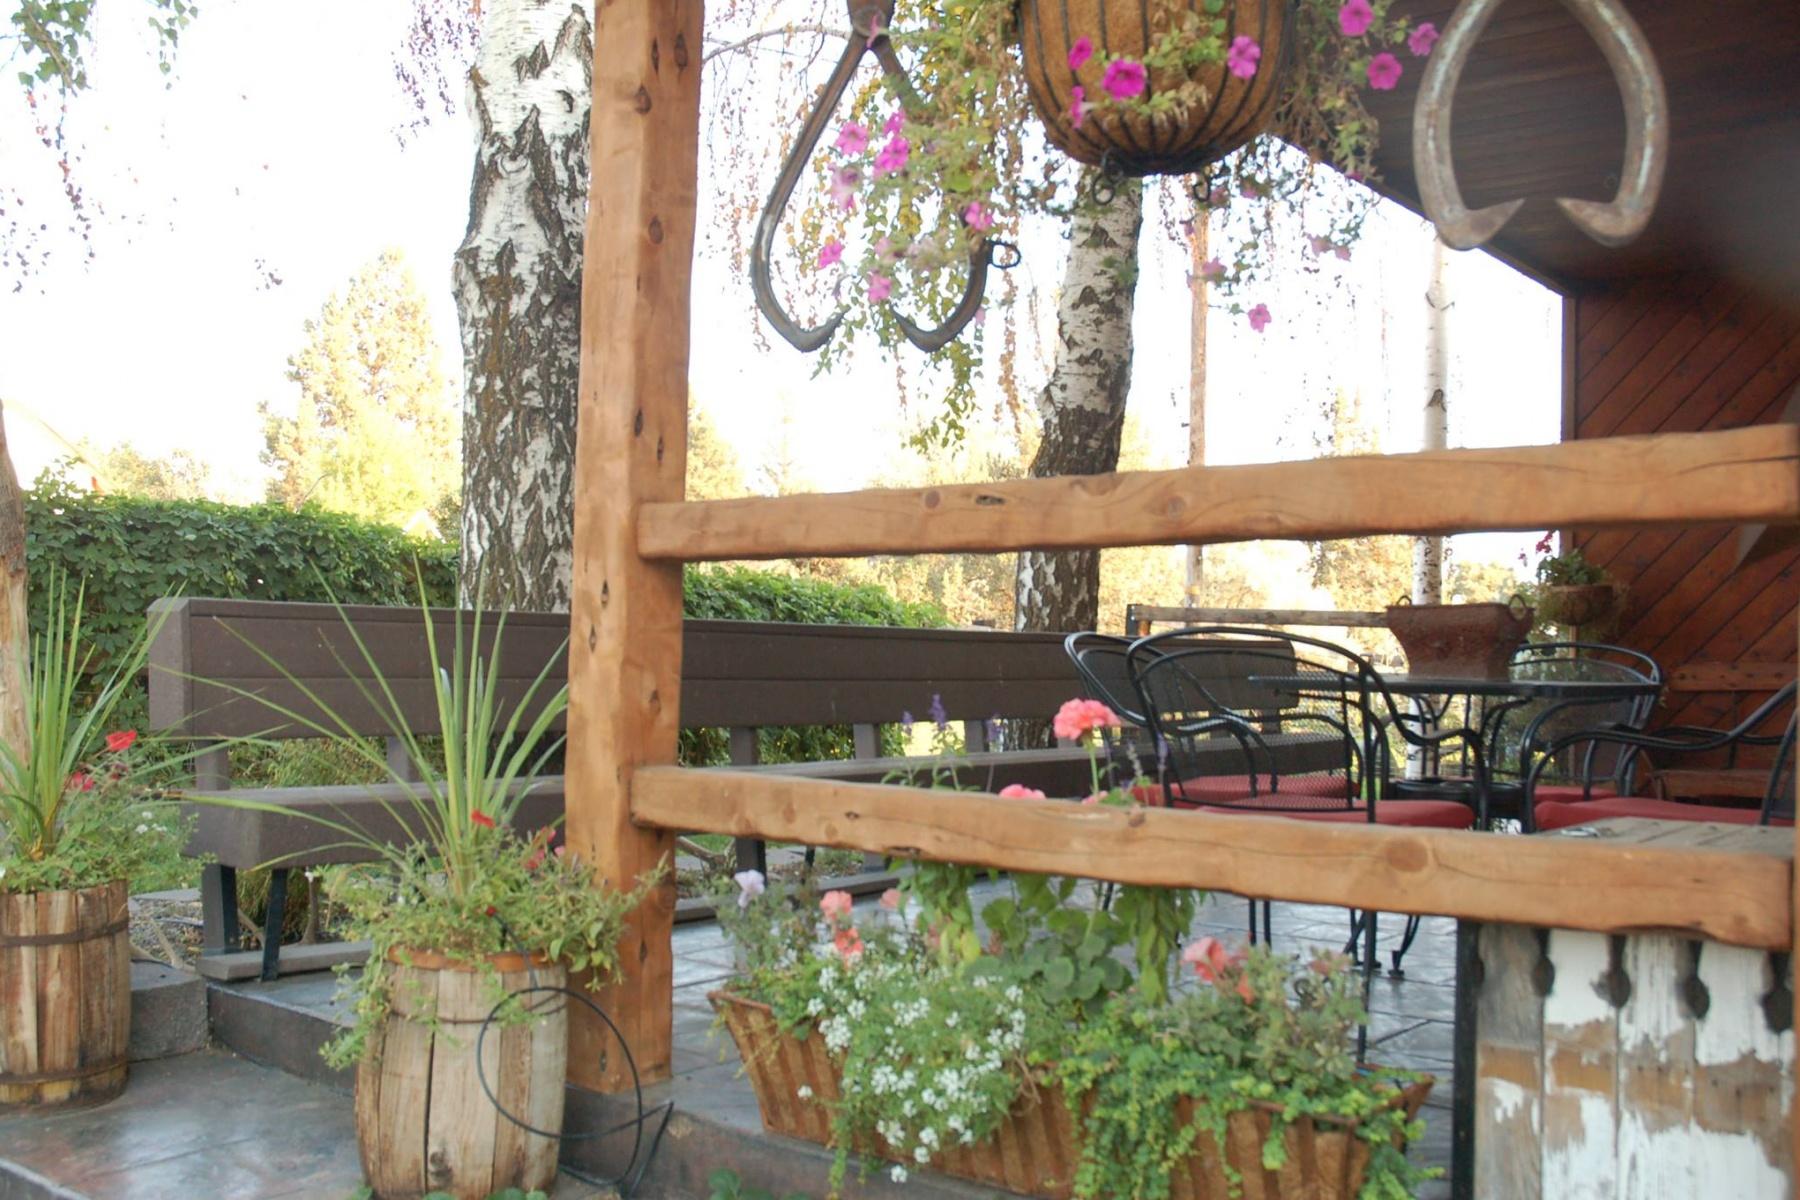 独户住宅 为 销售 在 136 NE Owens Road, PRINEVILLE 136 NE Owens Rd 普林维尔, 俄勒冈州, 97754 美国